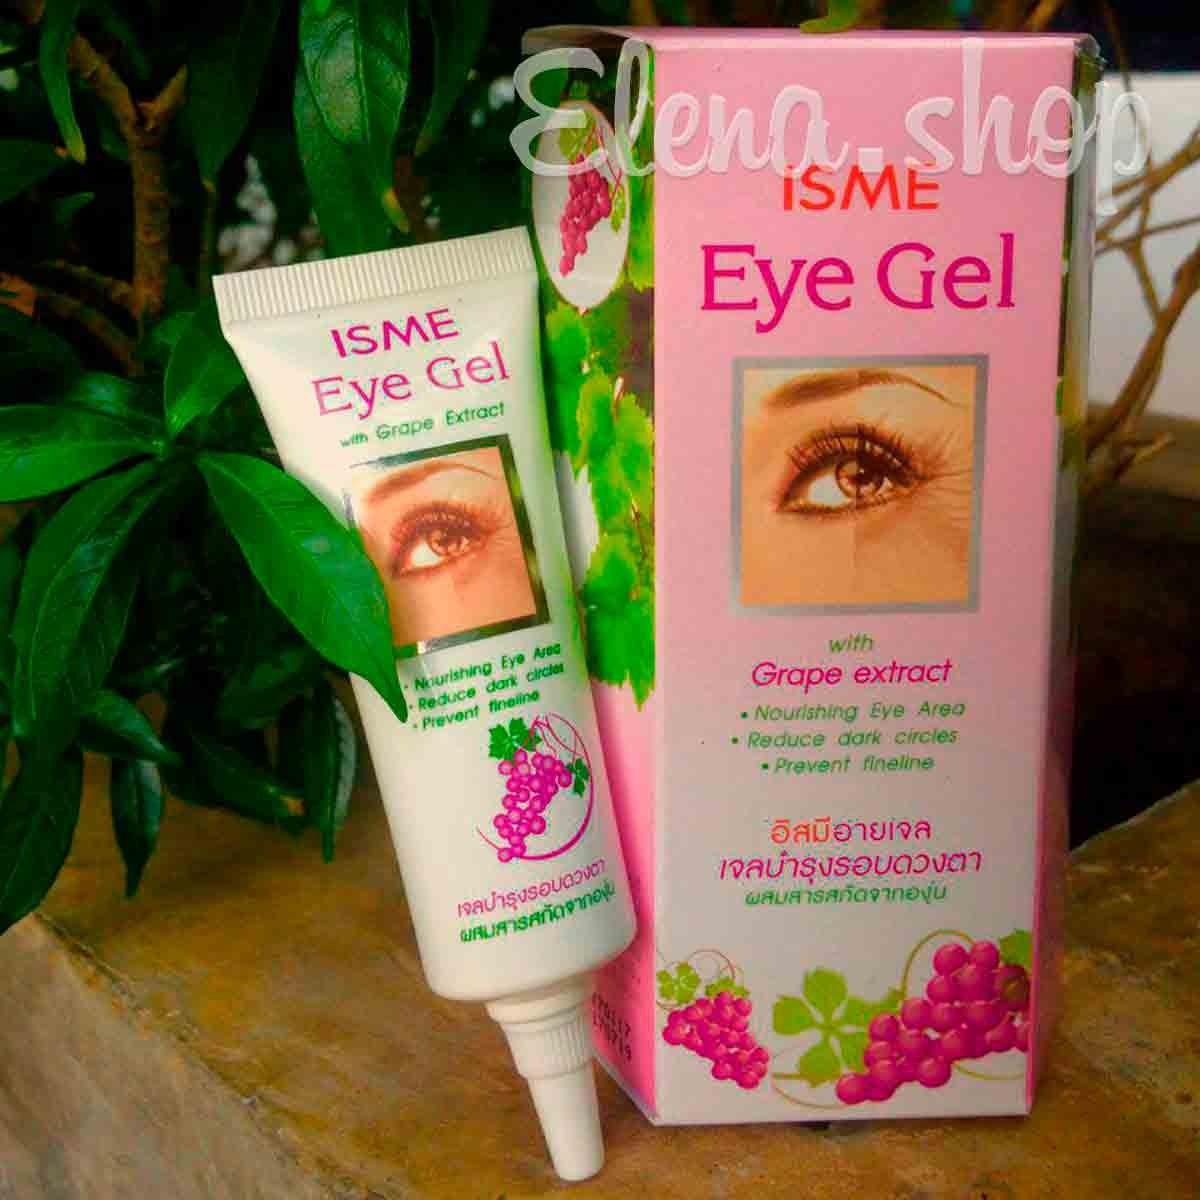 Гель для кожи вокруг глаз Isme